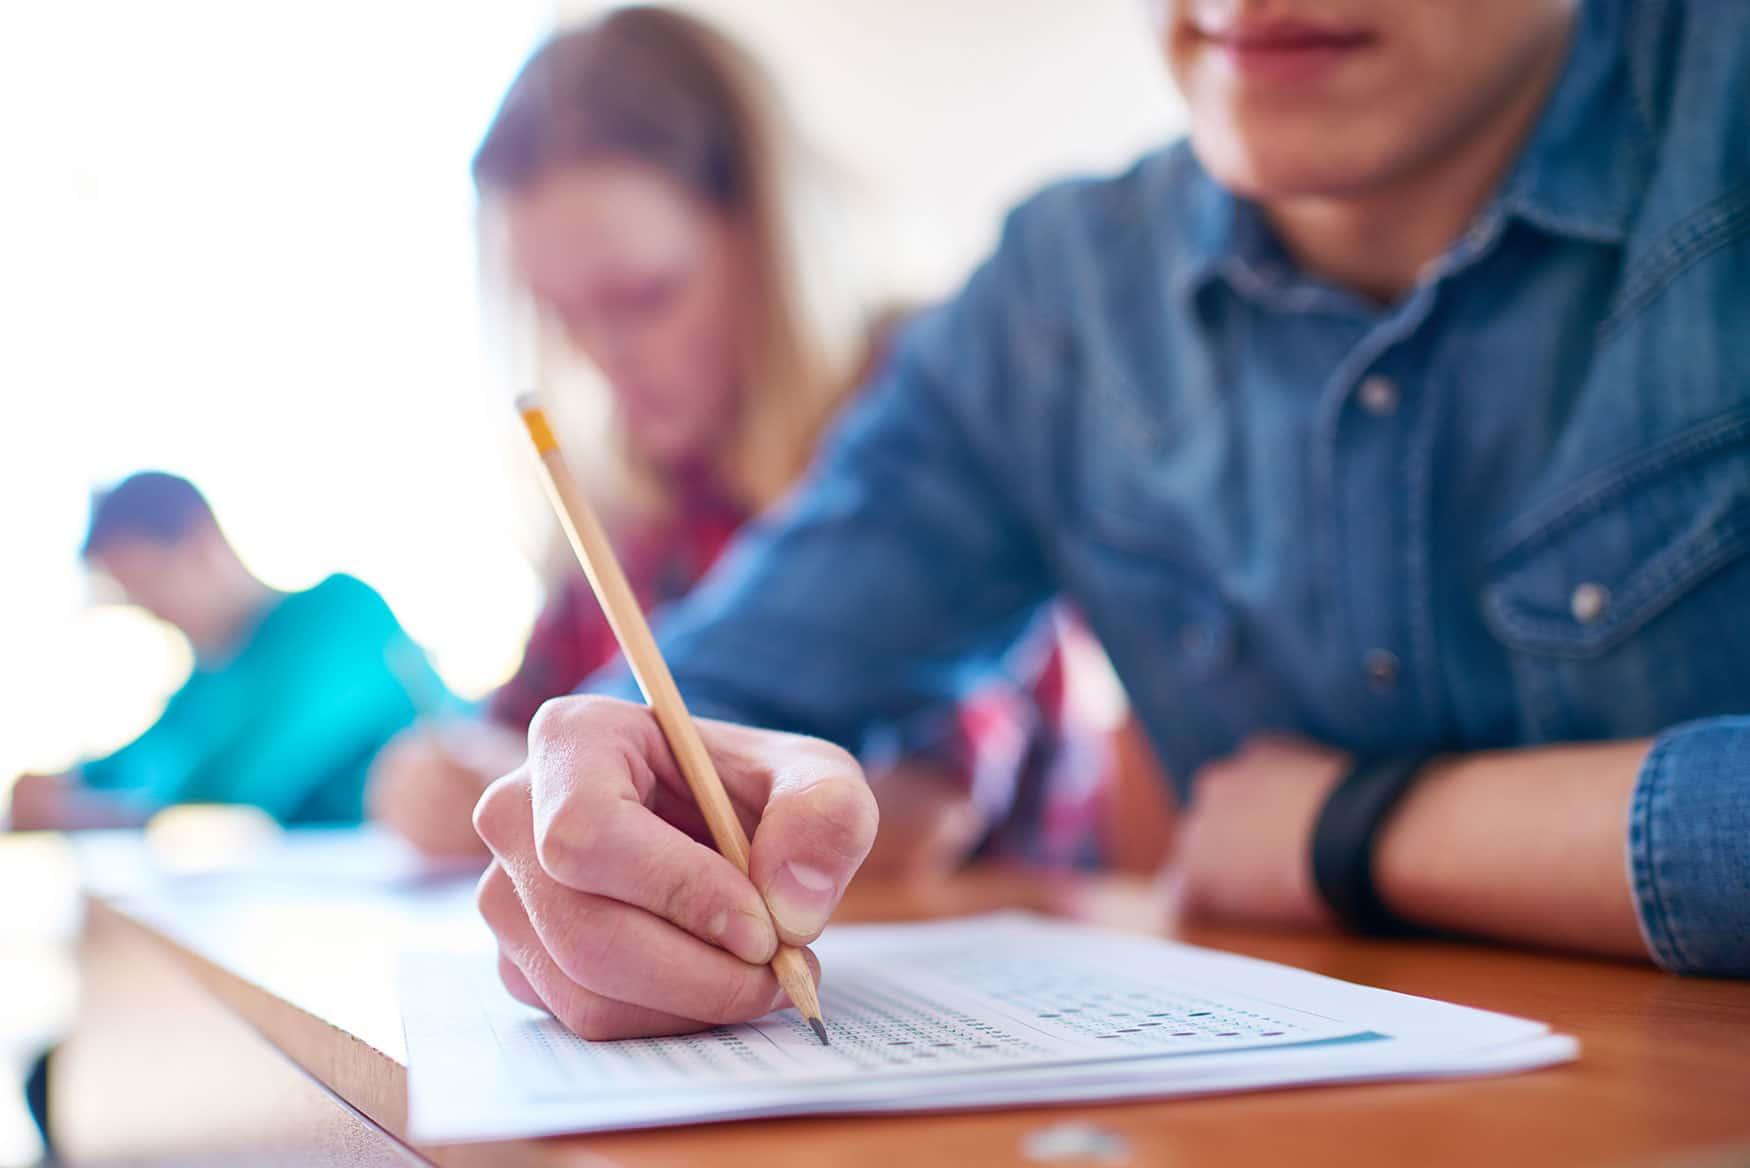 Como funciona o processo de candidatura a uma universidade americana?